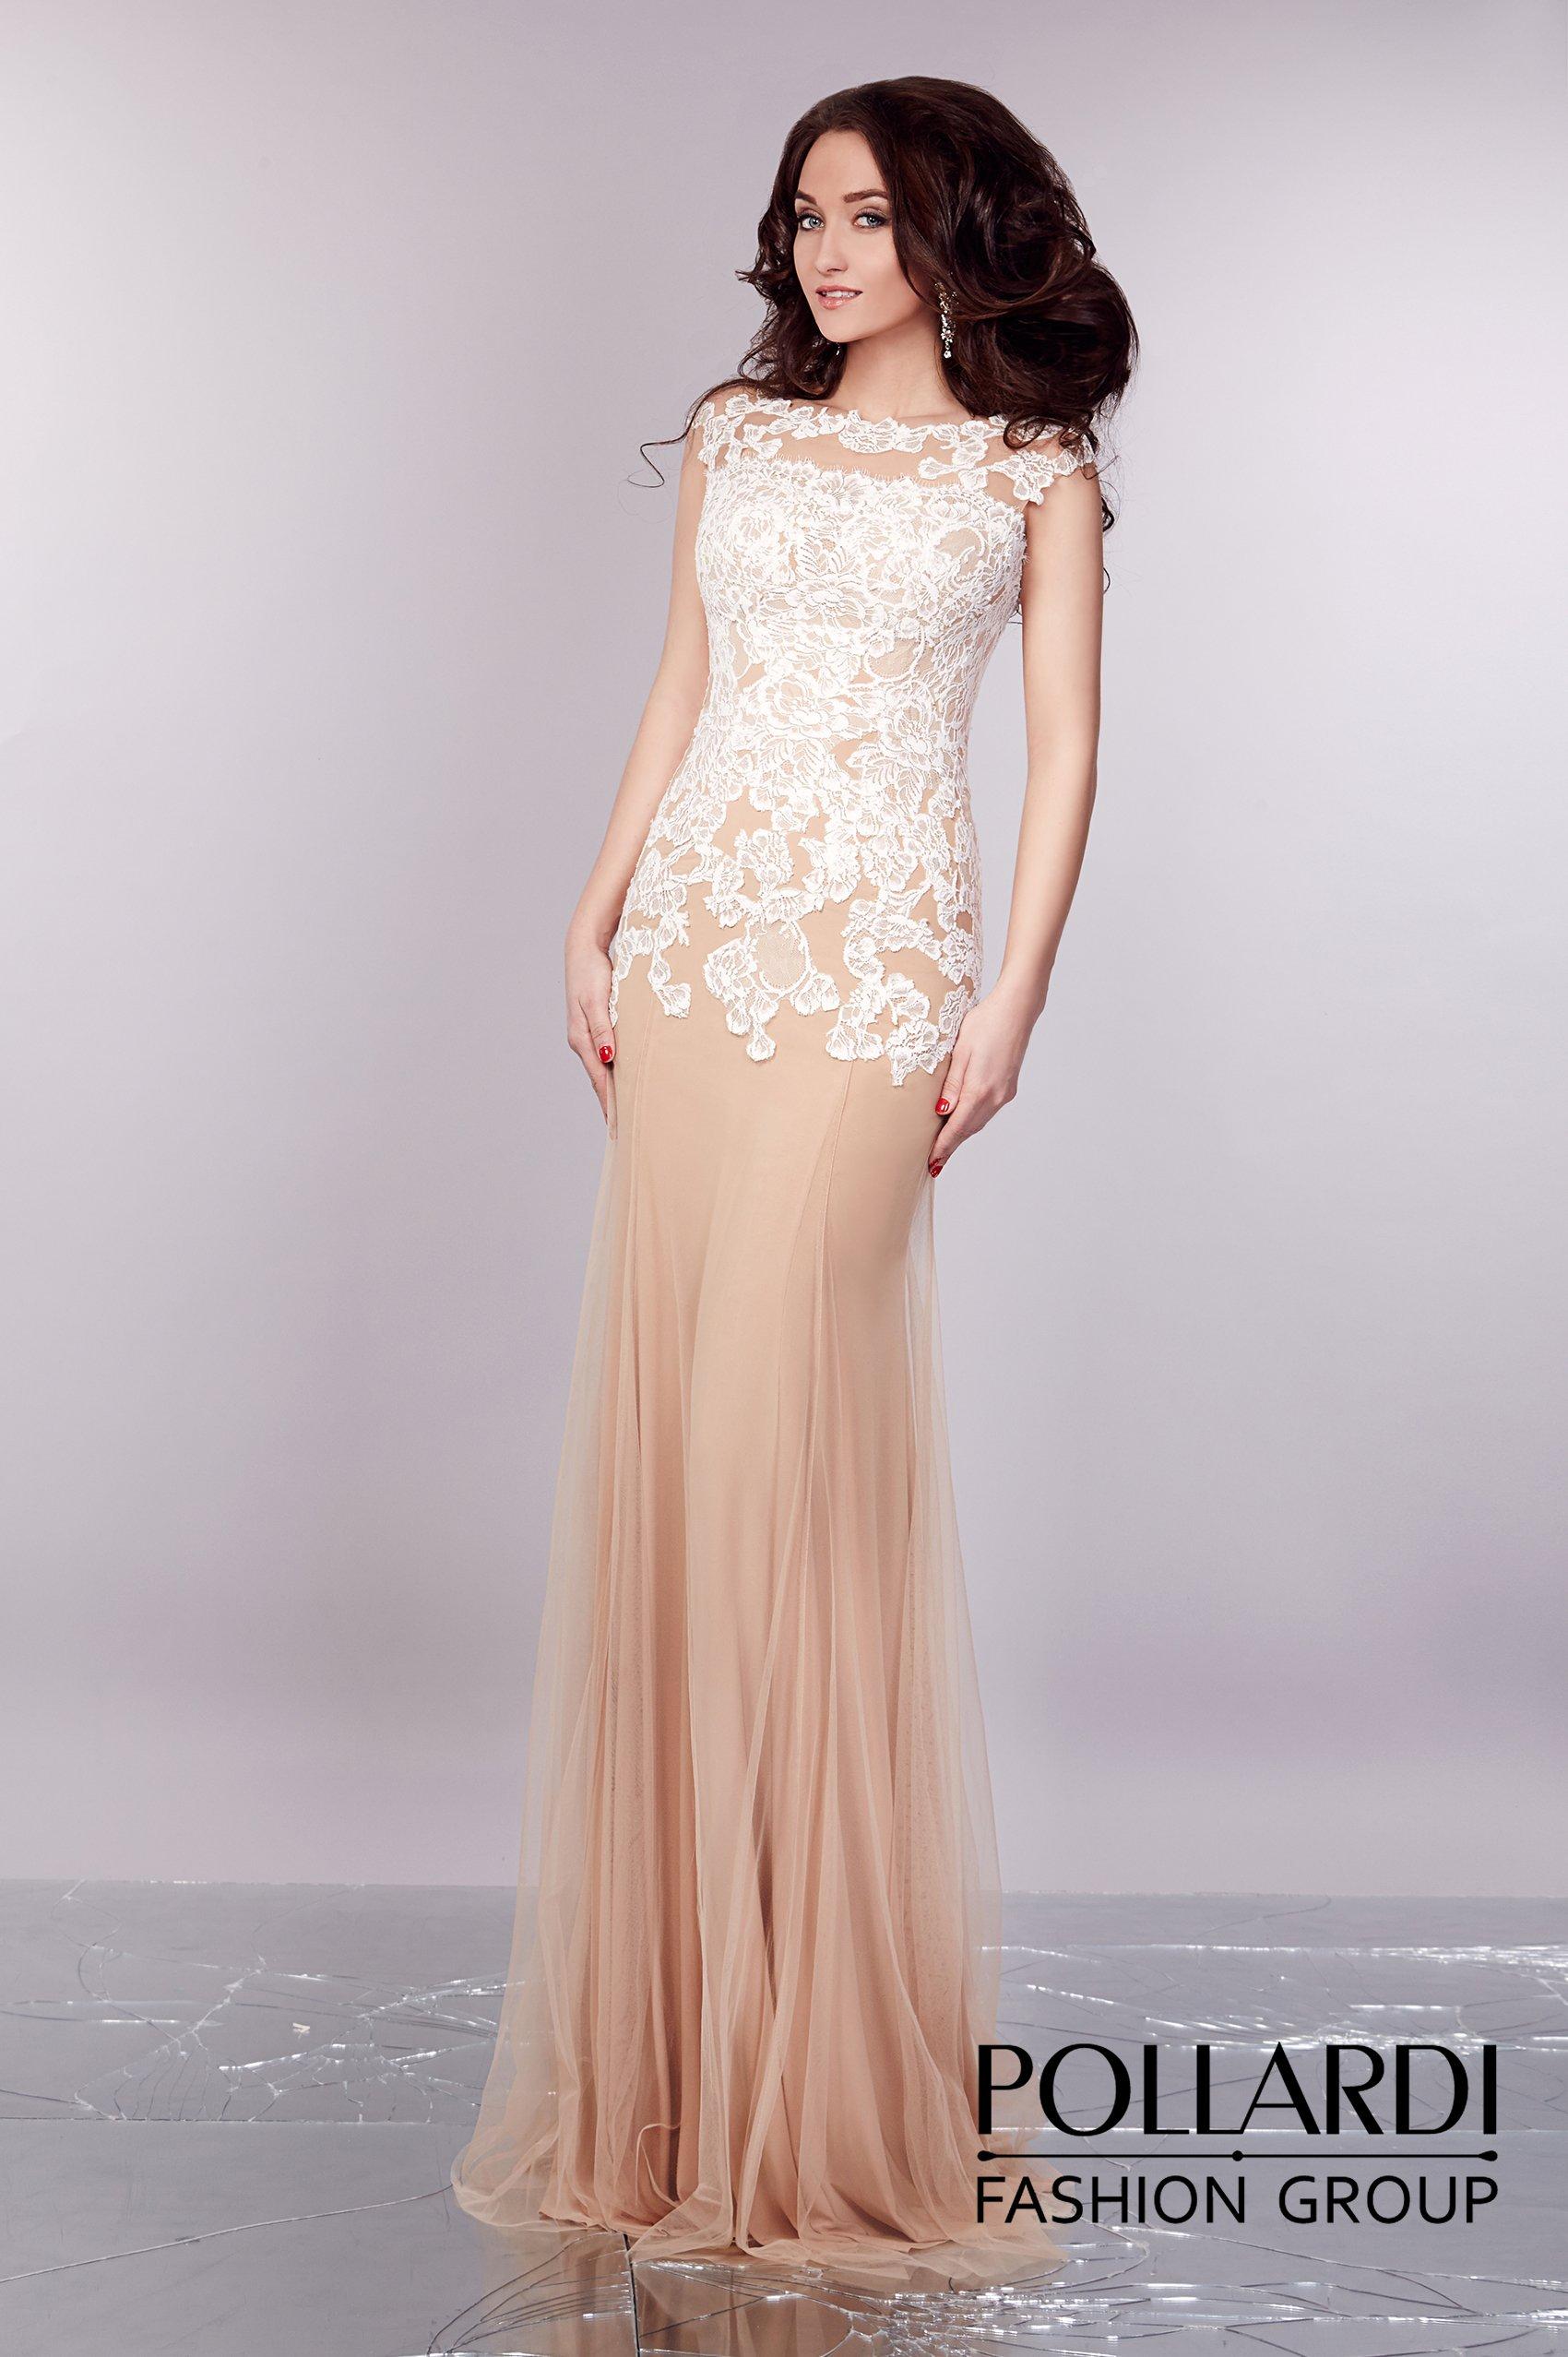 cbf5f416ec9 Элегантное вечернее платье пудрового оттенка с нежной кружевной отделкой по  всему верху.